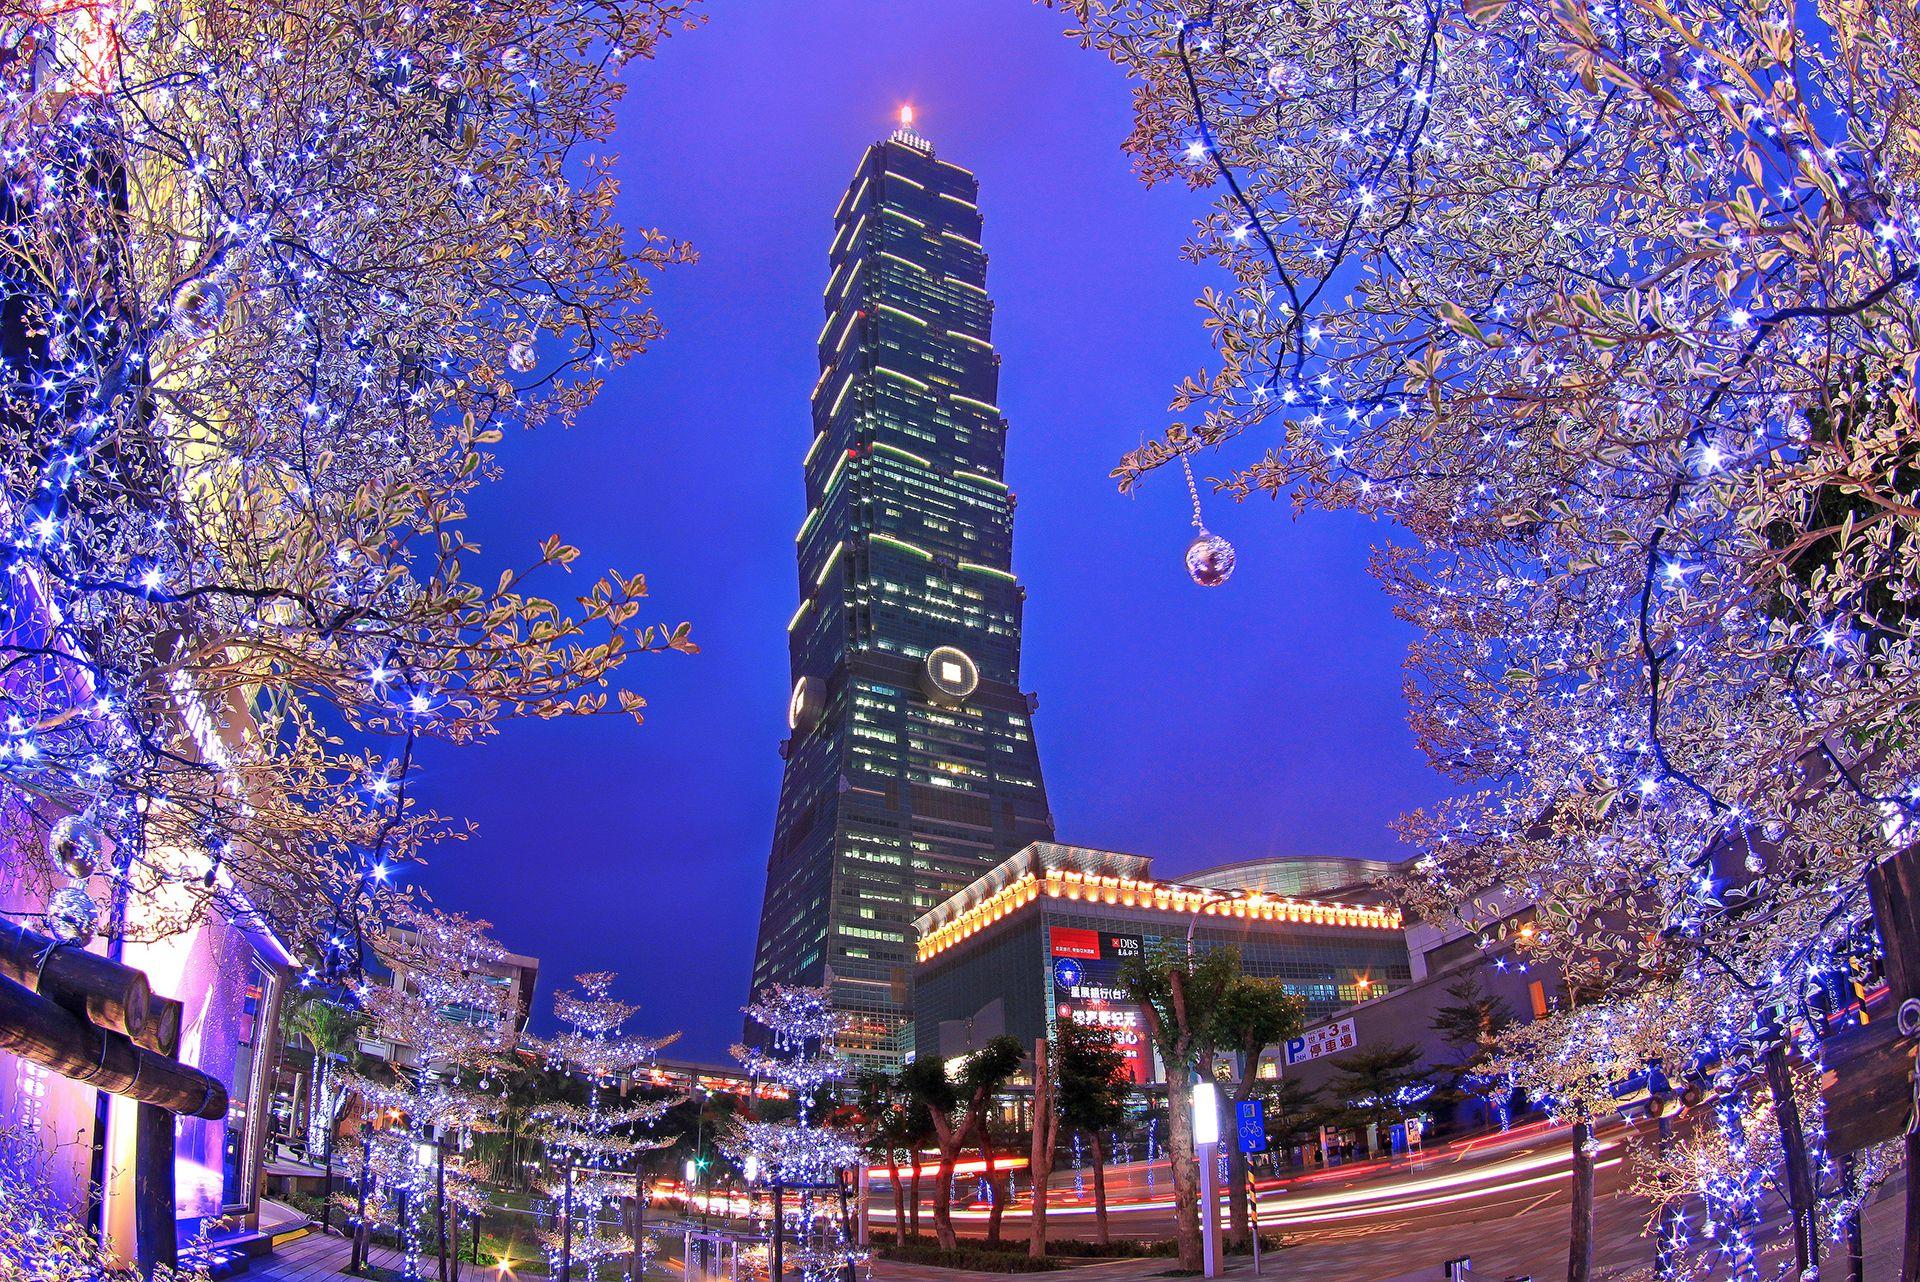 台北101化身城市藝術新地標!台北當代藝博攜手藝術家林明弘,結合傳統窗花與科技再現新舊交融的城市景觀